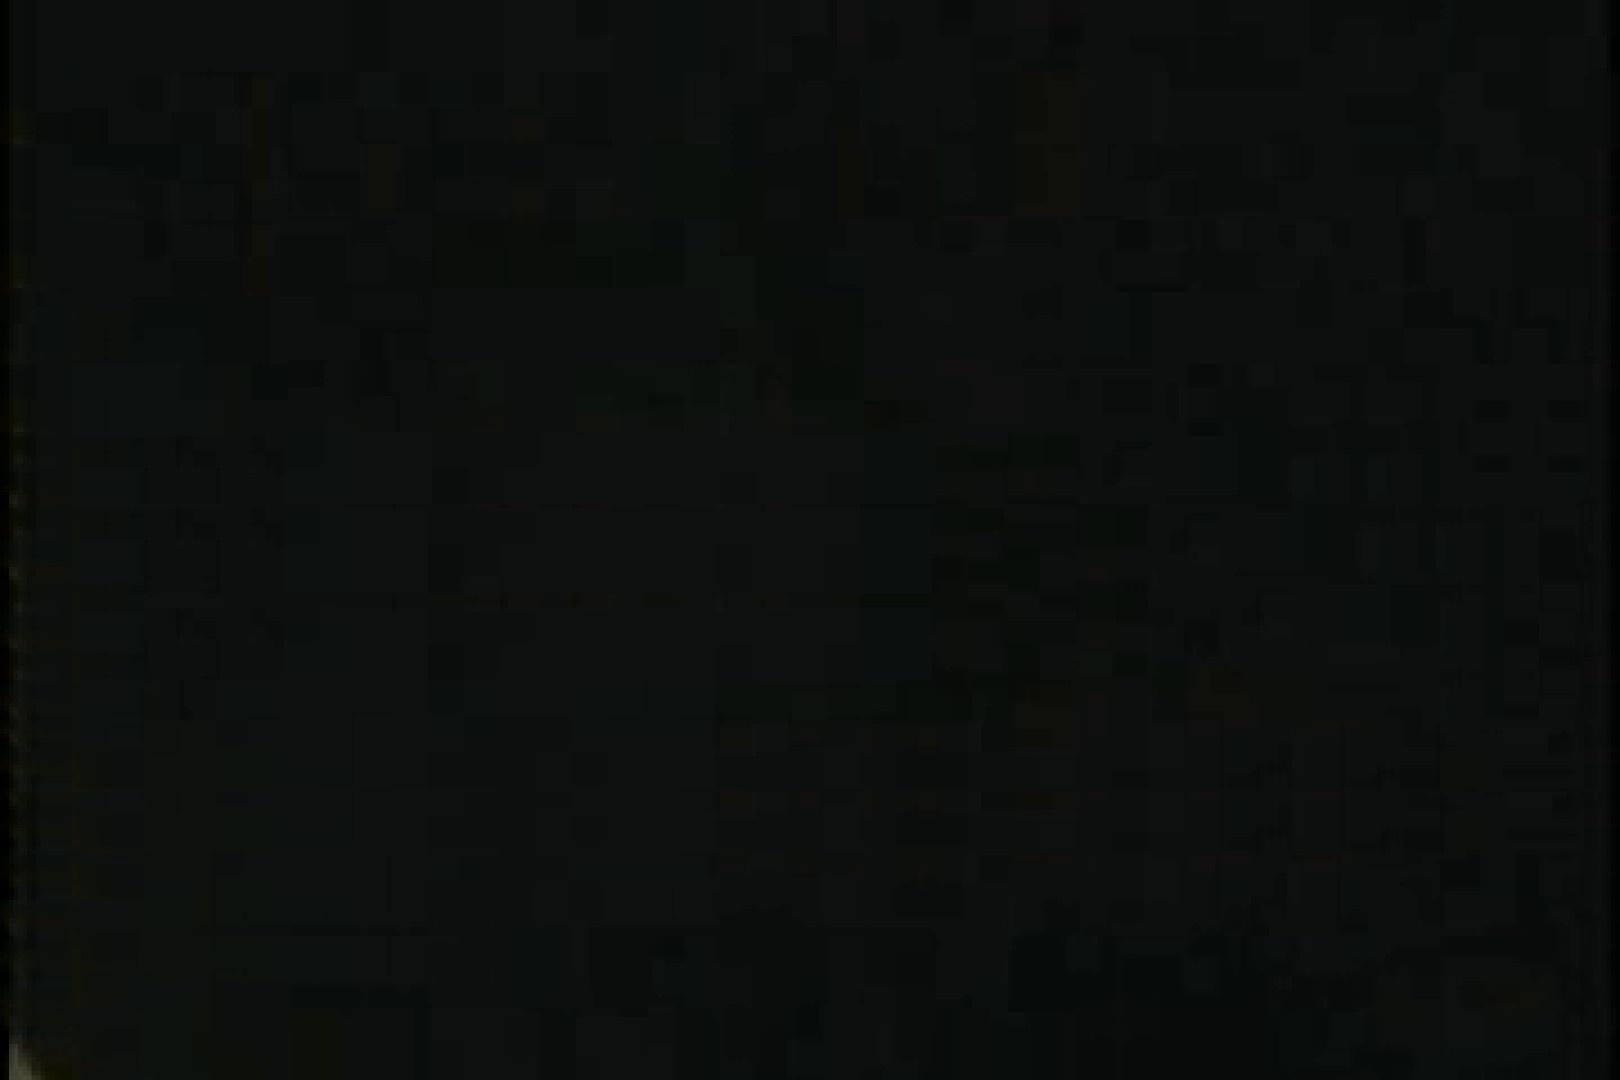 陰間茶屋 男児祭り VOL.3 複数プレイ ゲイフリーエロ画像 89枚 85